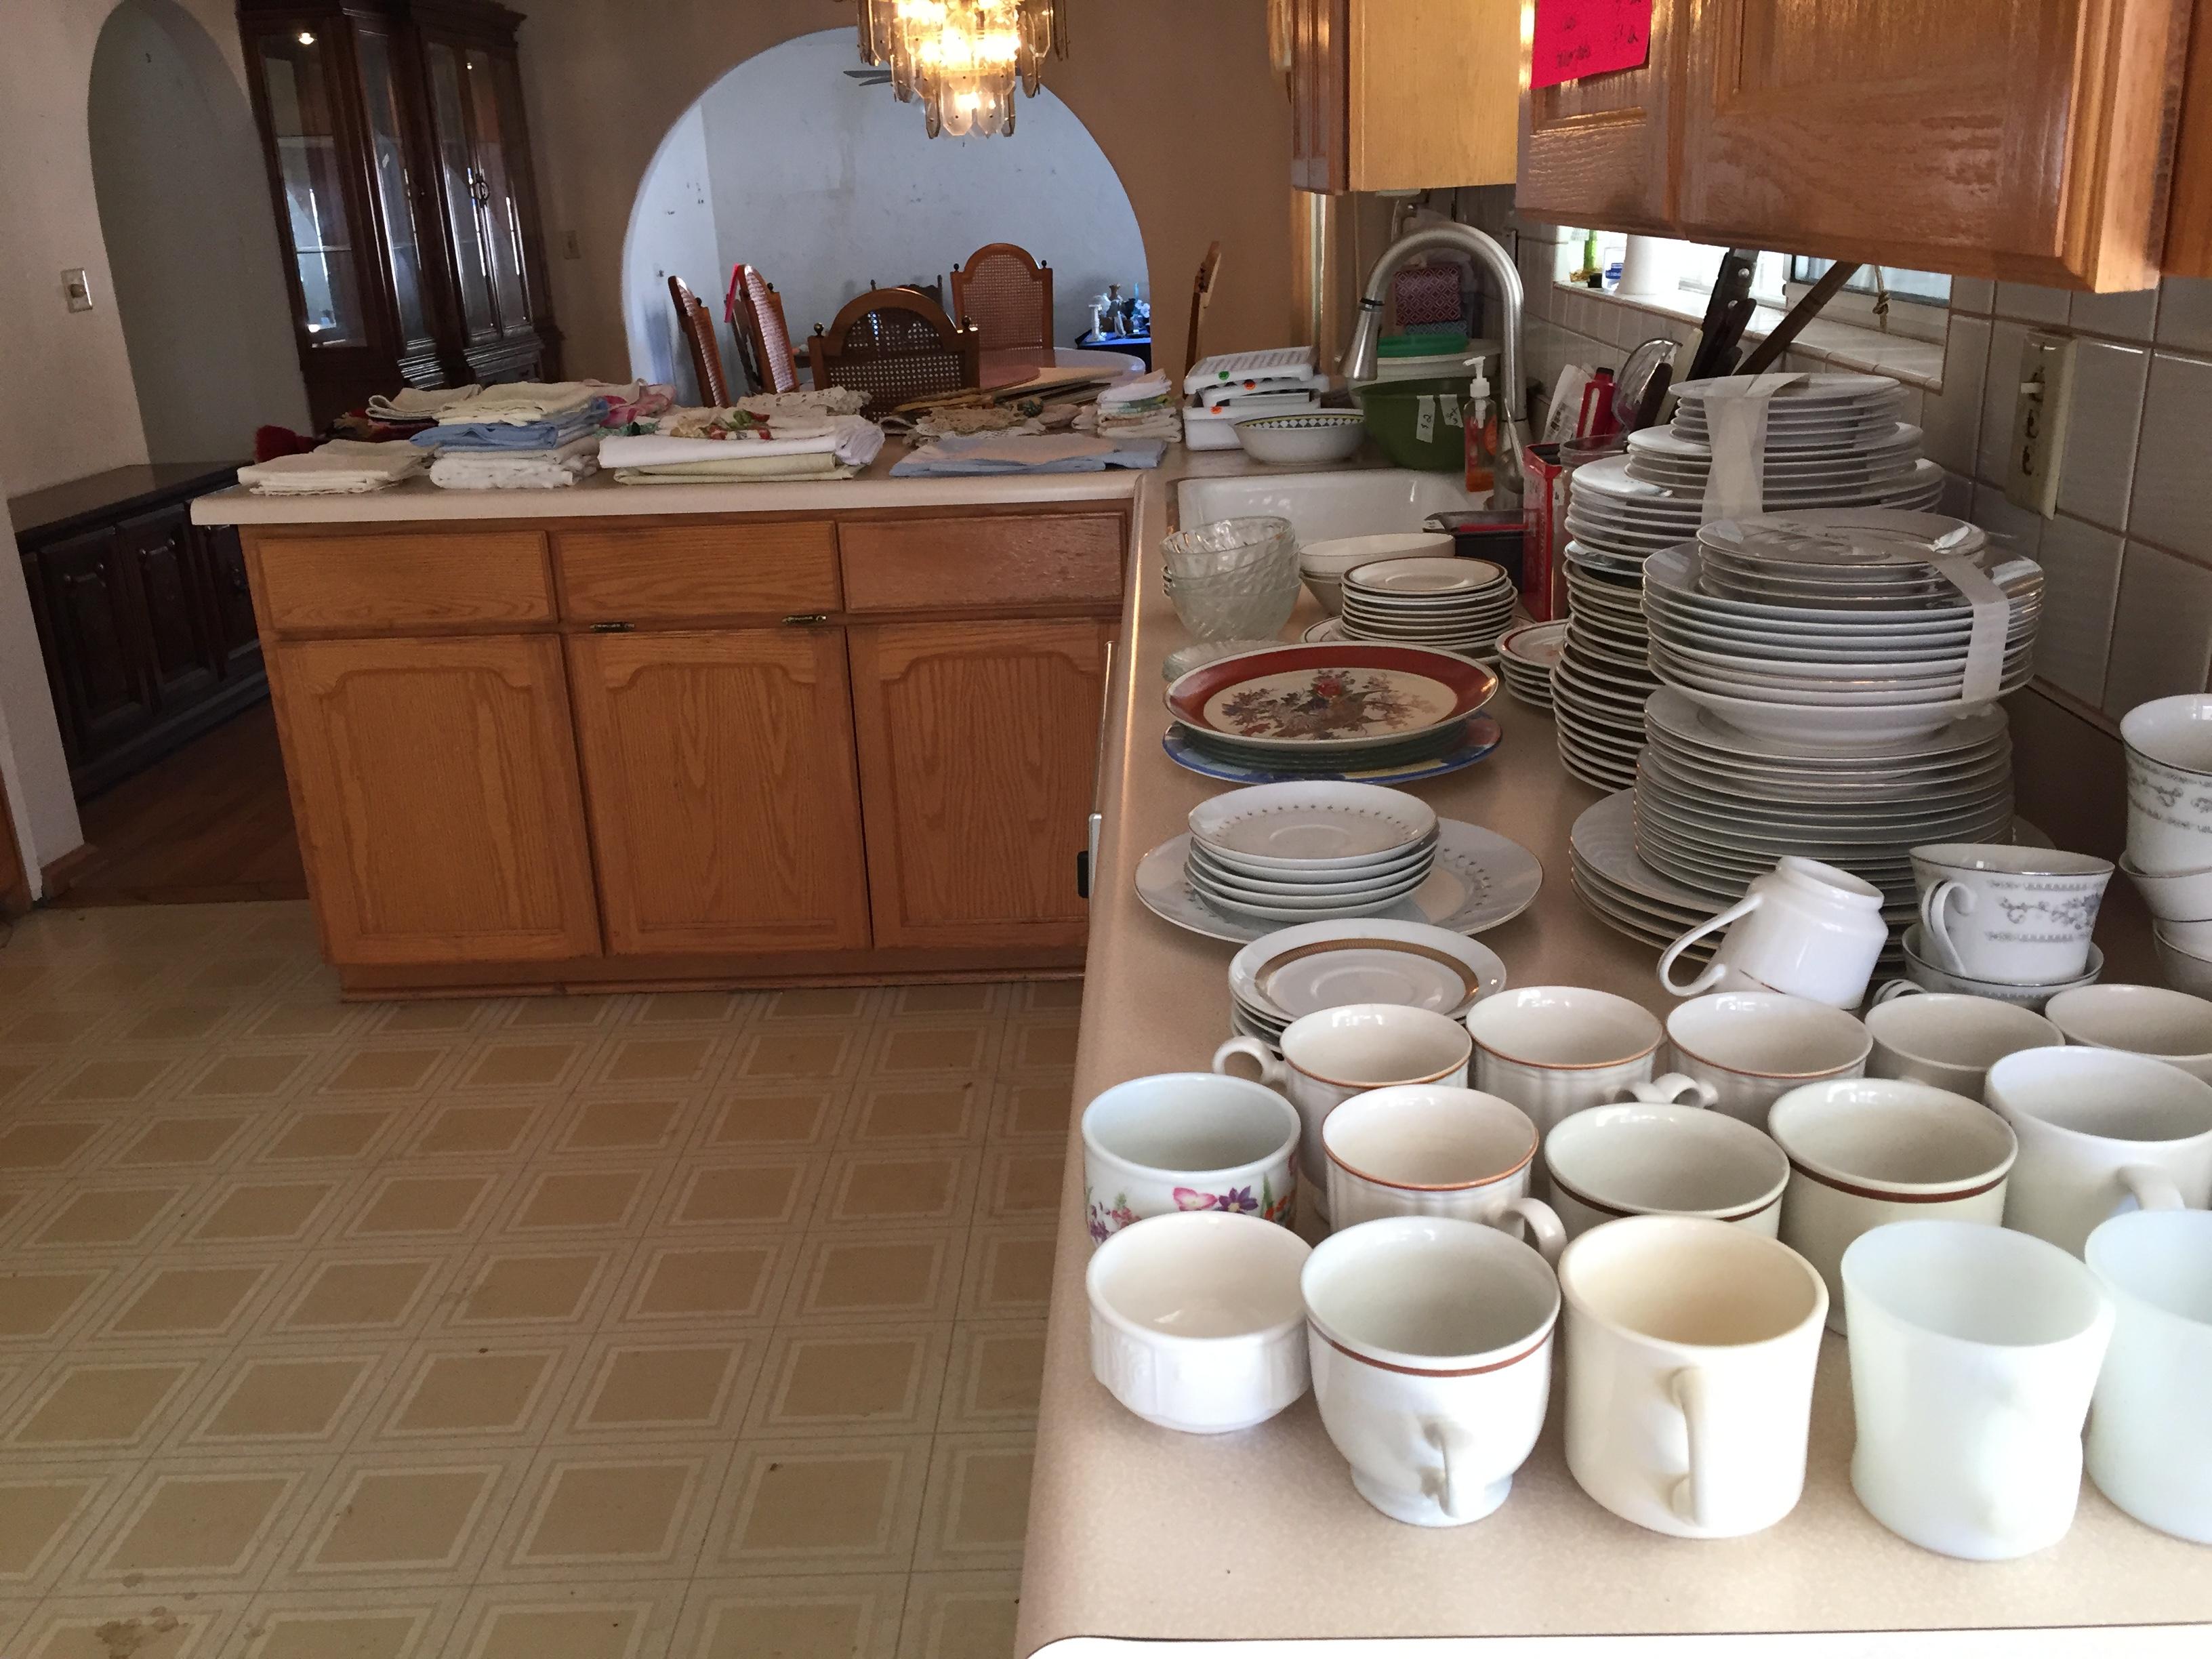 dishware display at estate sale